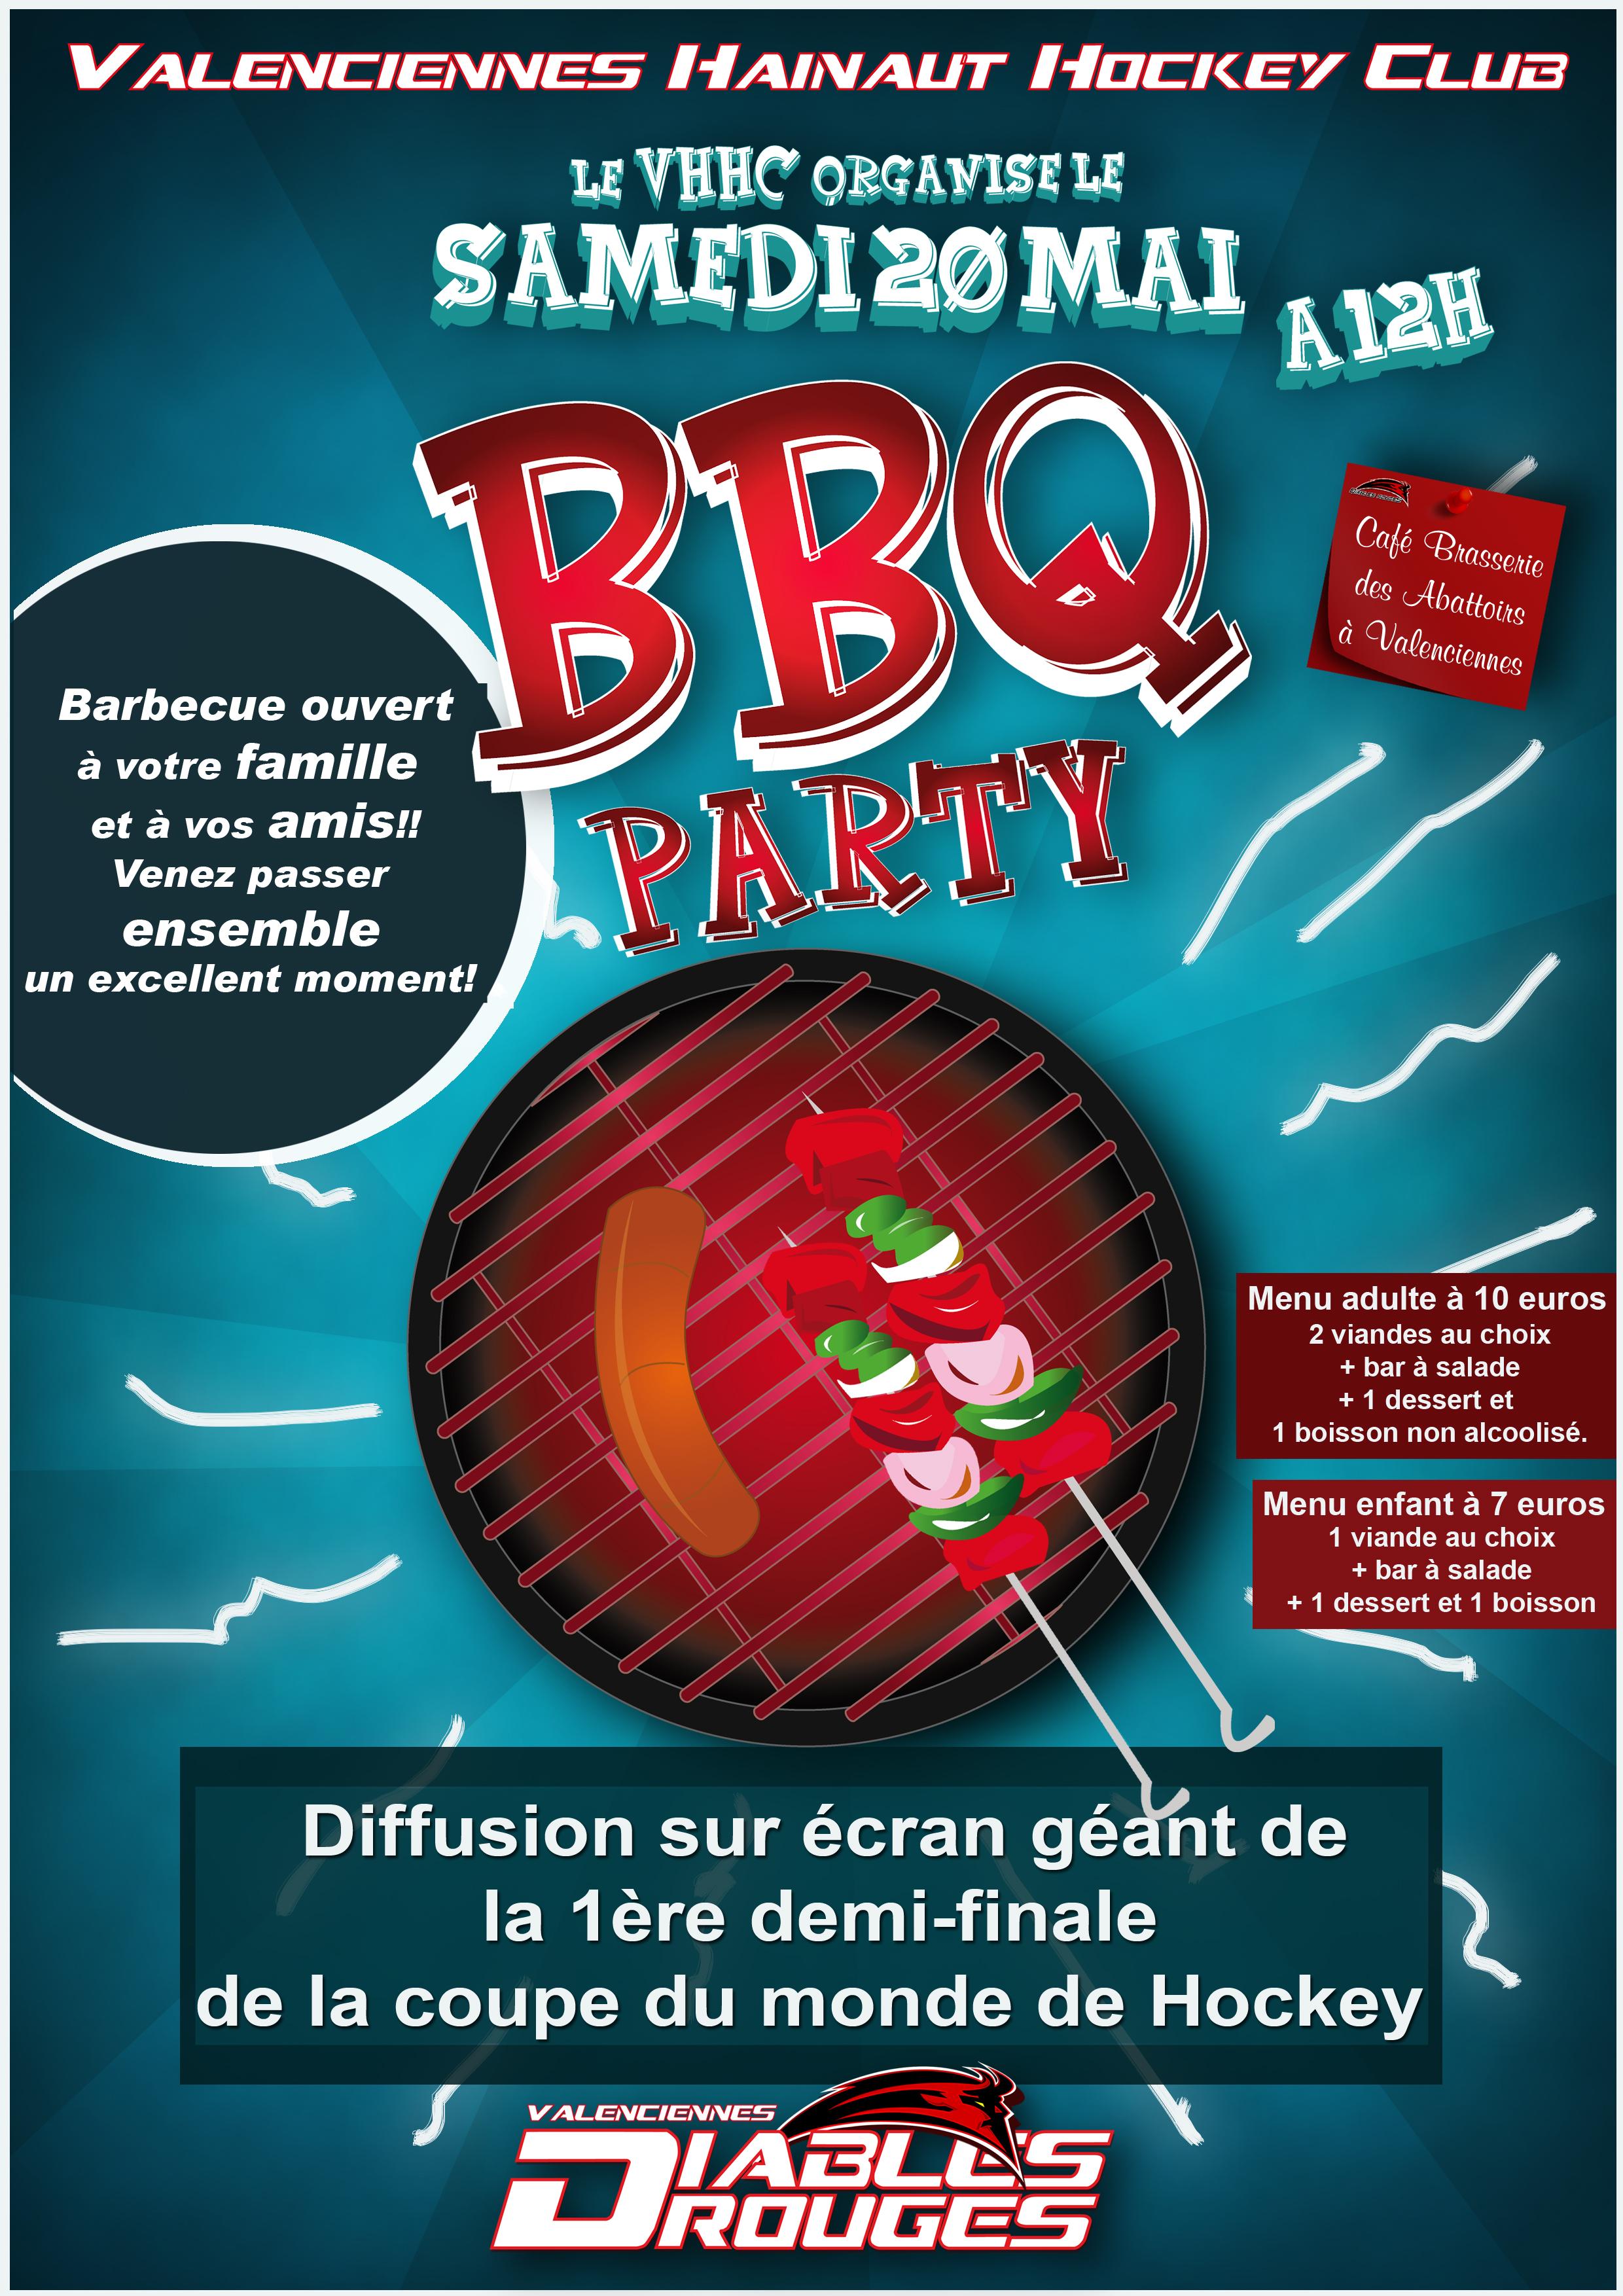 BBQ party ce samedi 20 mai !